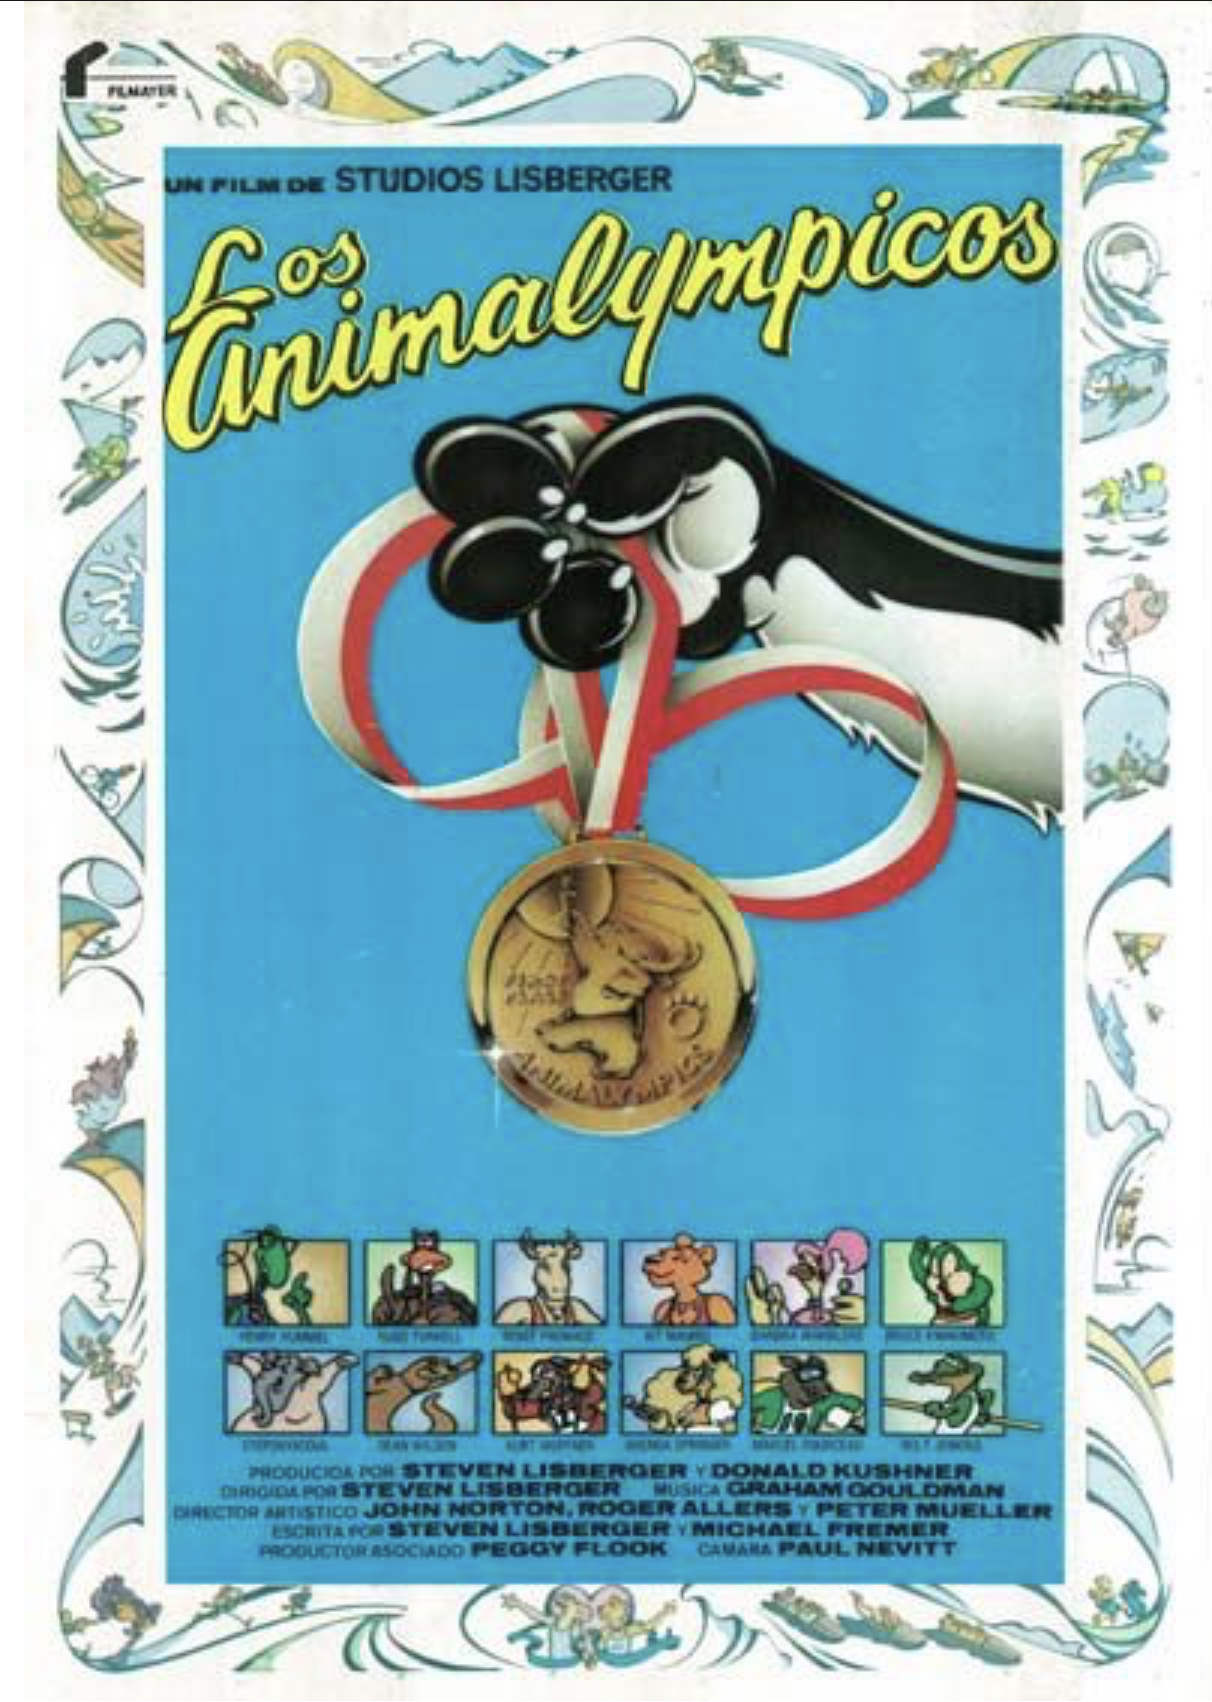 Animalympics Dvd